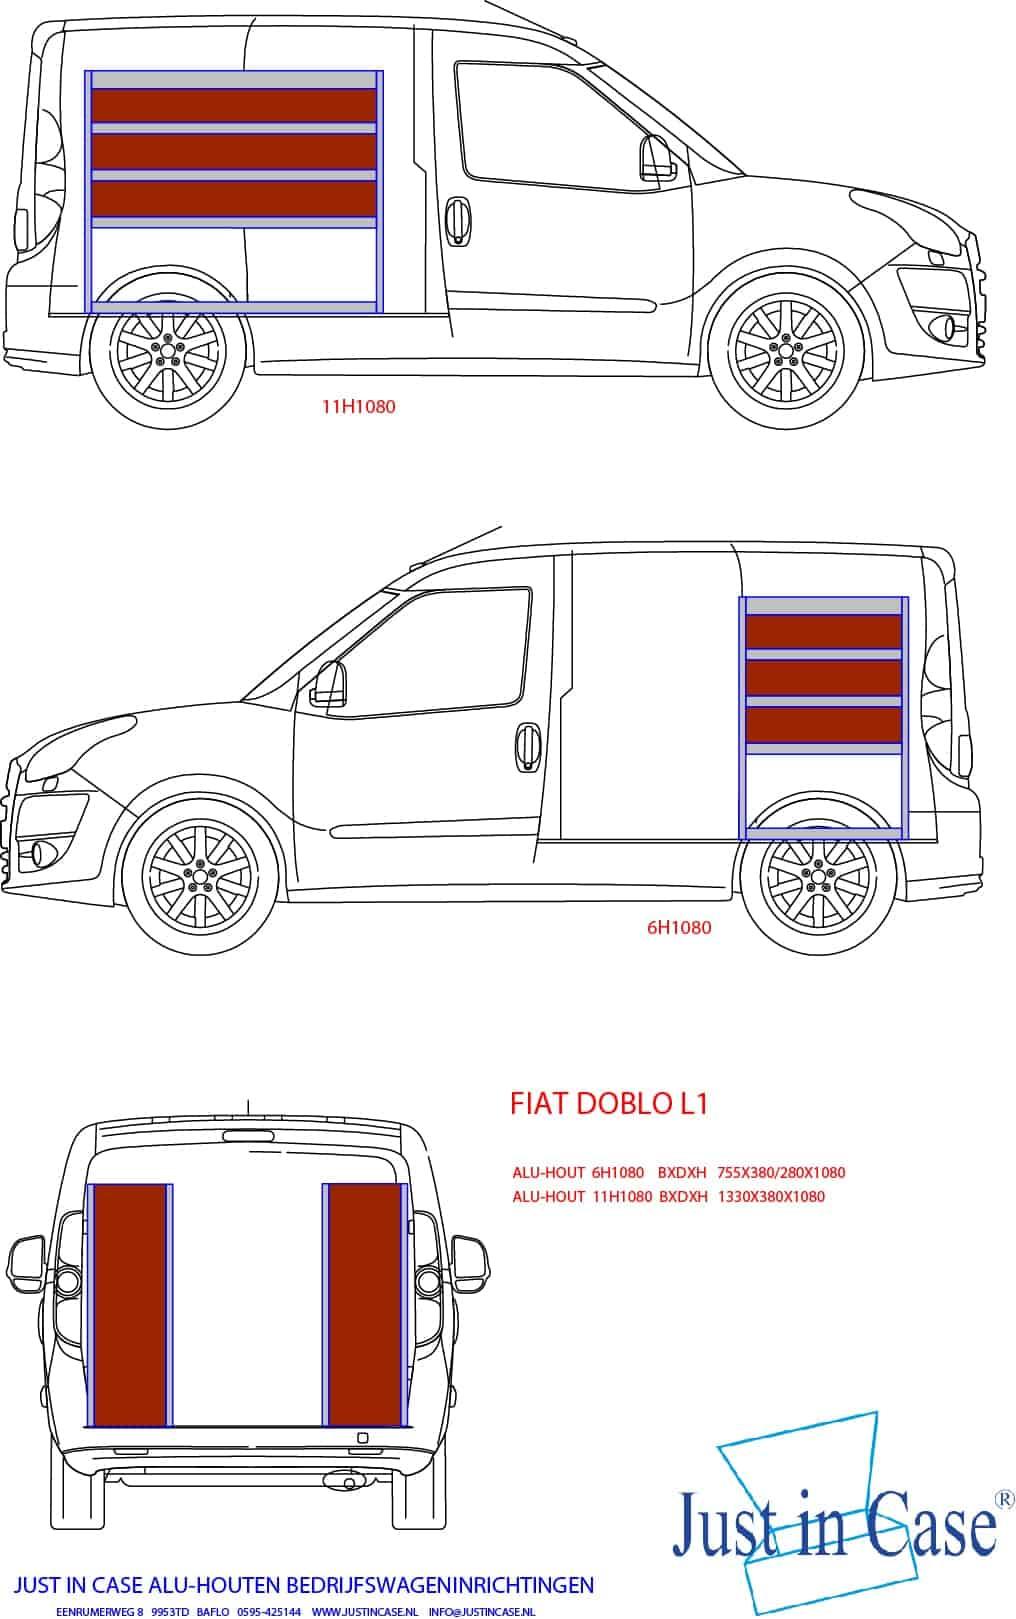 Fiat Doblo bedrijfwageninrichting